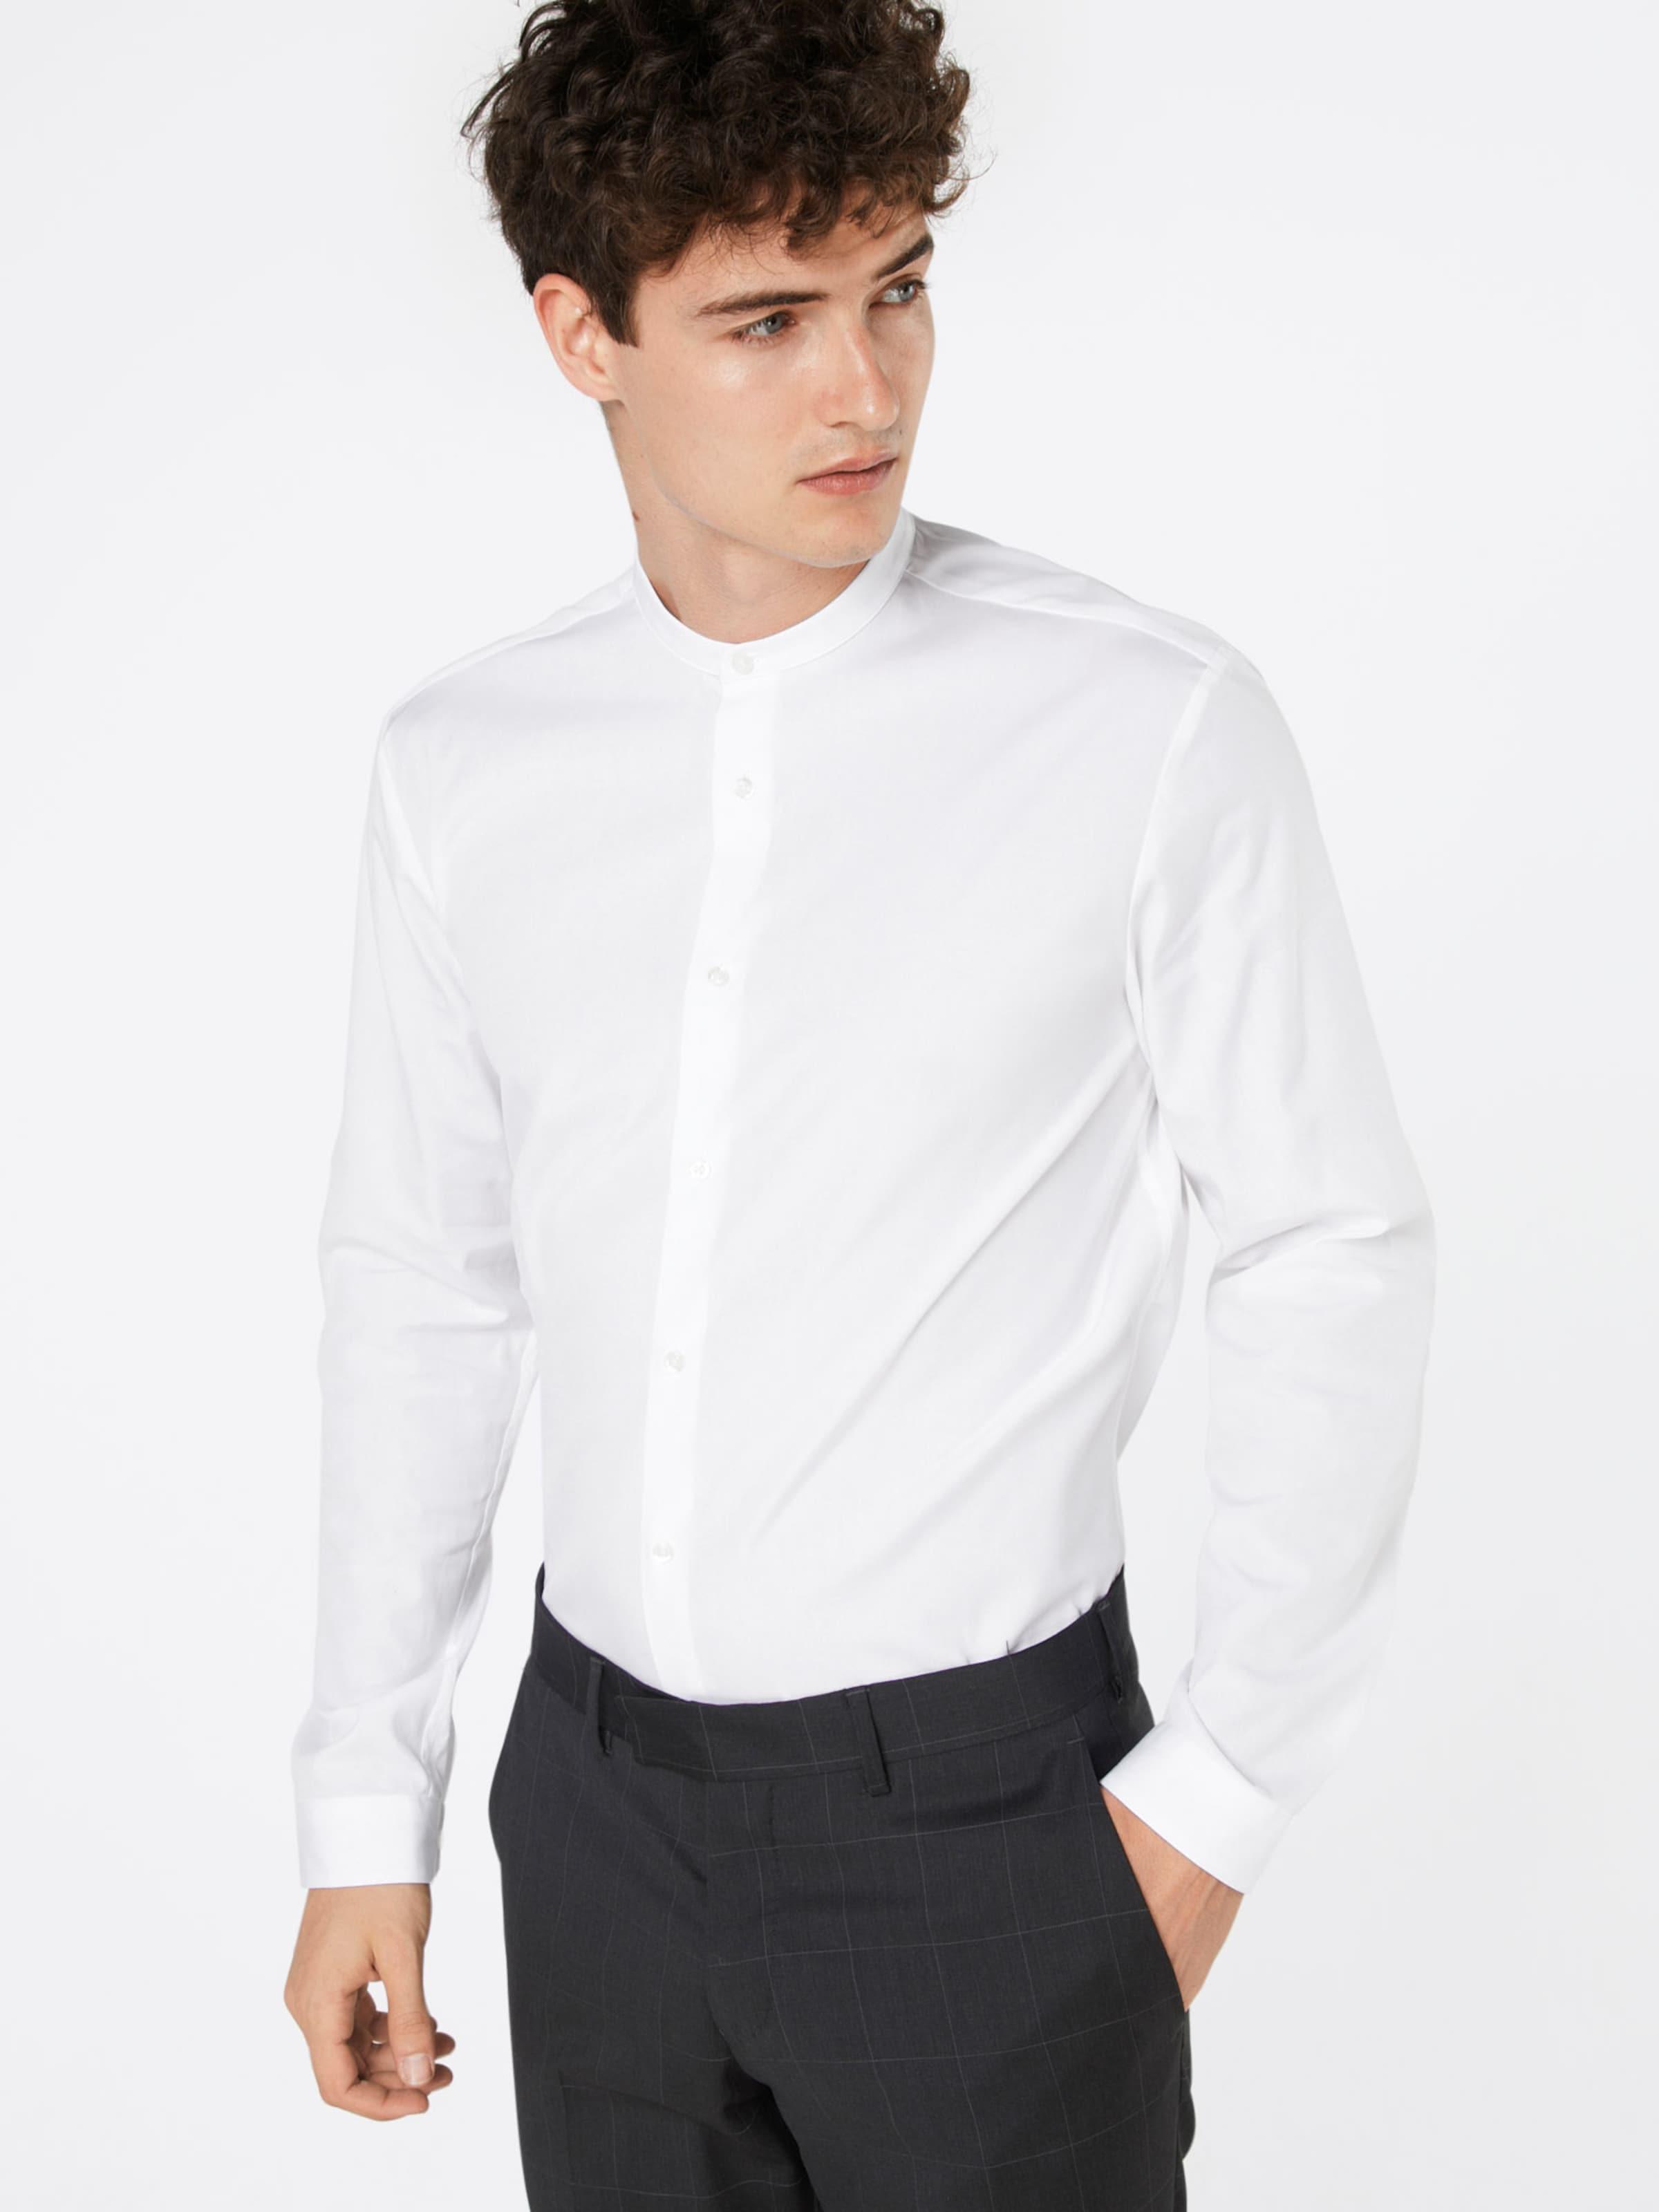 Günstig Kaufen Größte Lieferant Classic Zum Verkauf HUGO Hemd 'Eddison' Verkauf Offizielle Seite Outlet-Store Online-Verkauf Erstaunlicher Preis Günstig Online TIelL7